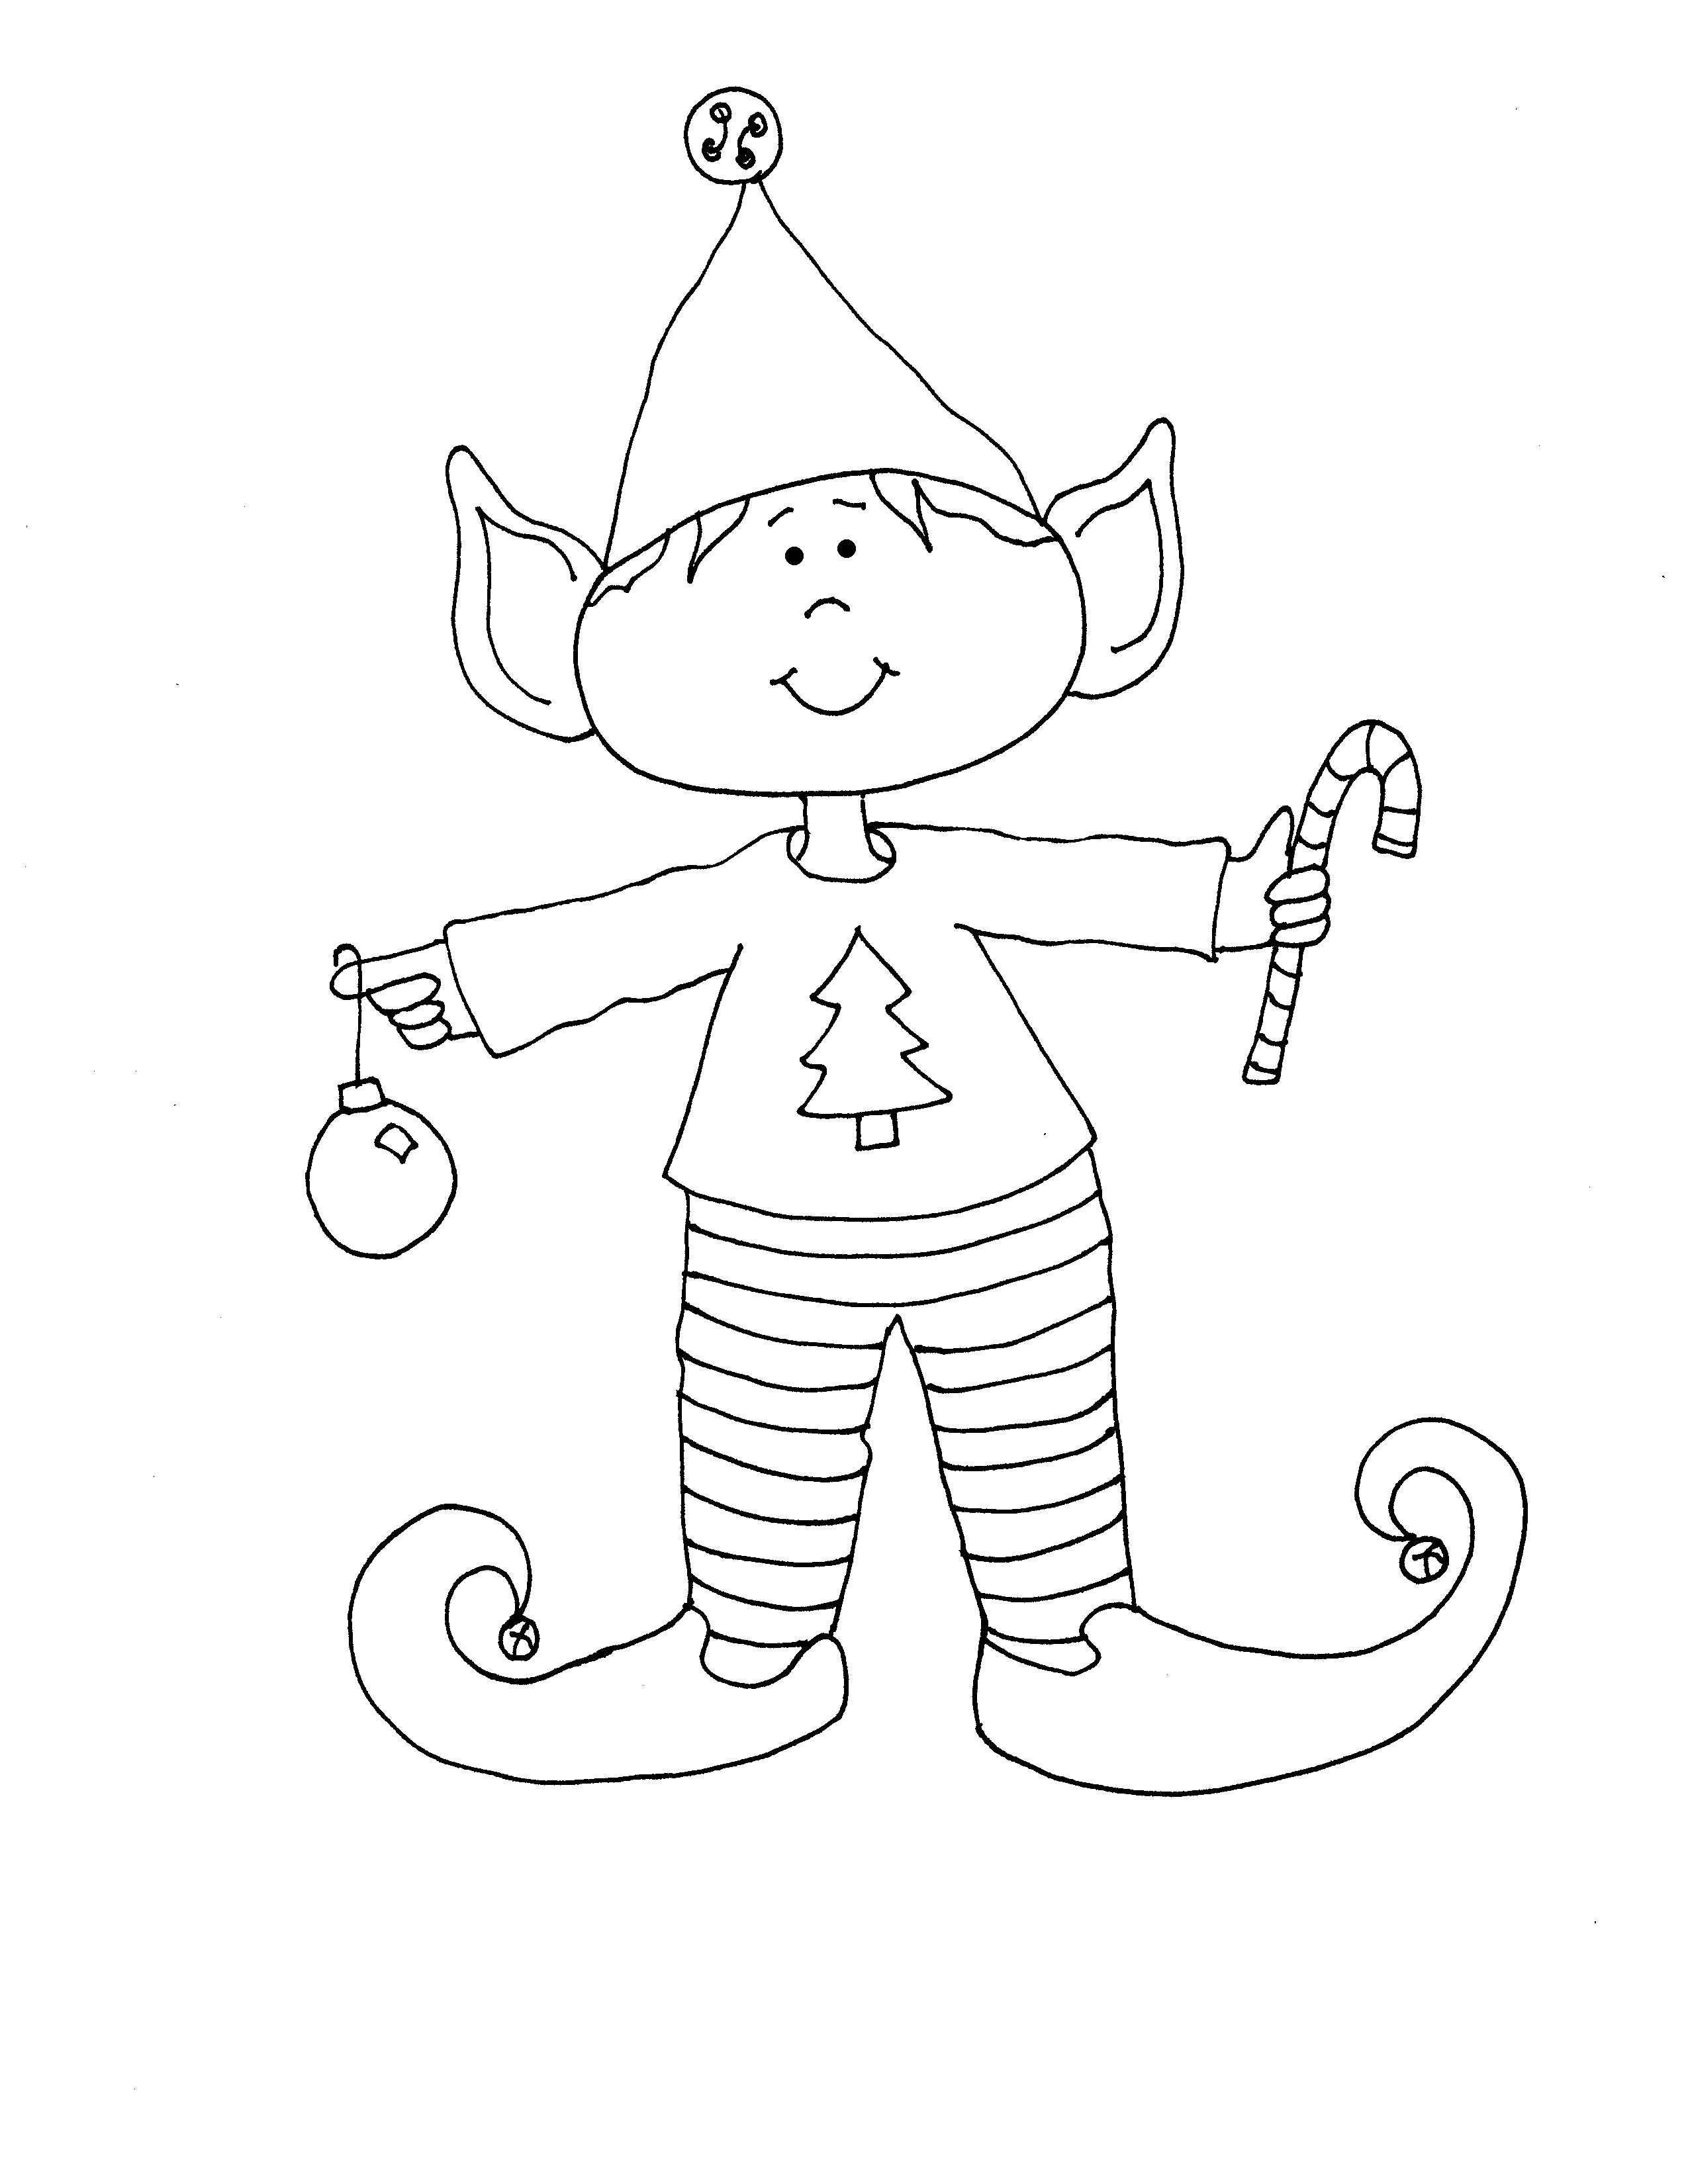 Duende | Dibujos para coser o pintar | Pinterest | Navidad, Bordado ...